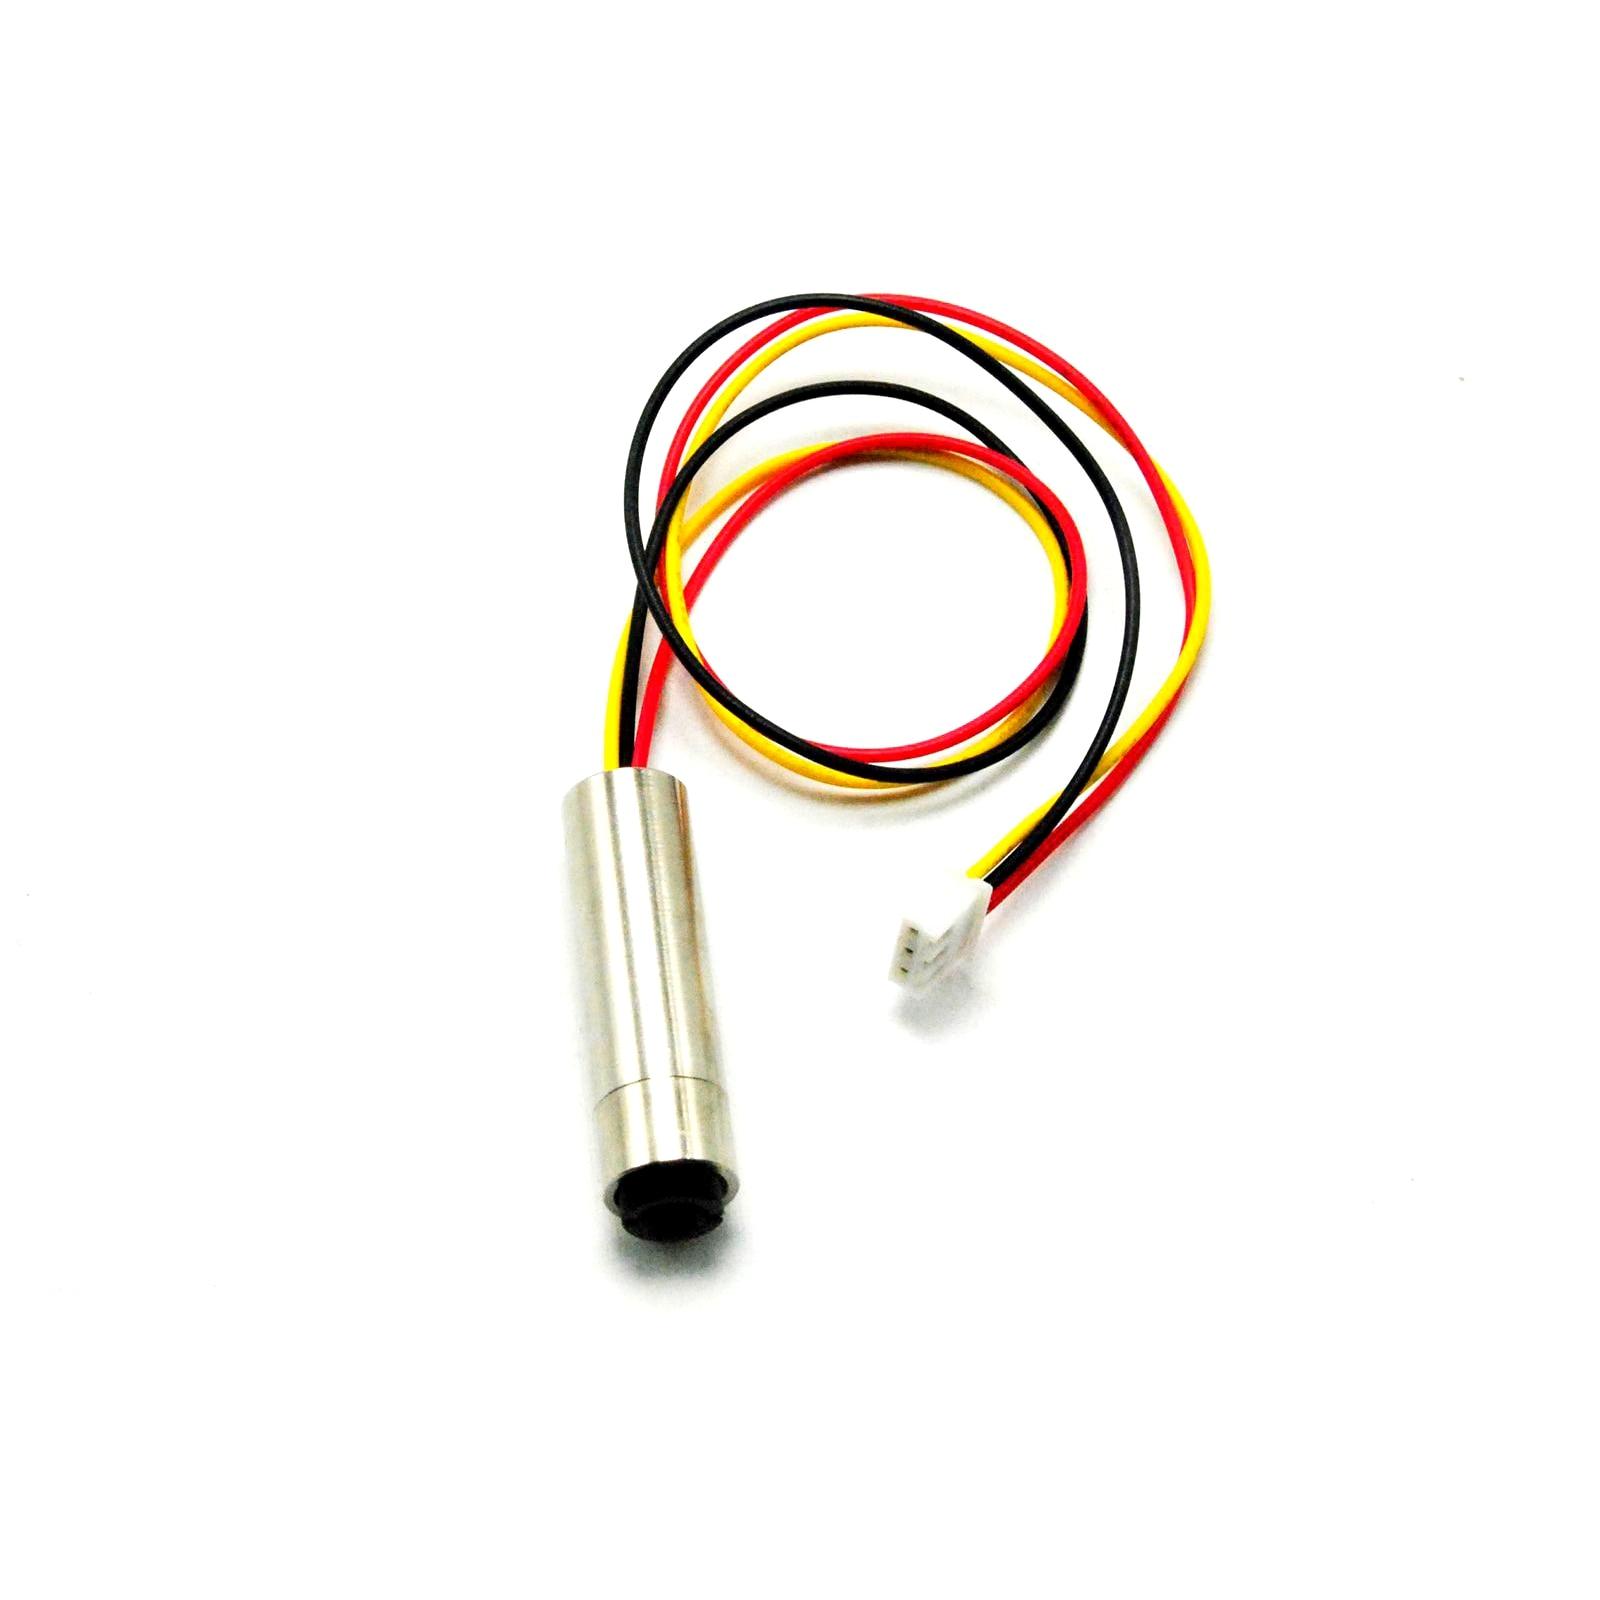 650 нм 10 мВт новый фокусируемый красный точка лазер диод модуль w% 2F TTL 0-15 кГц 5 В